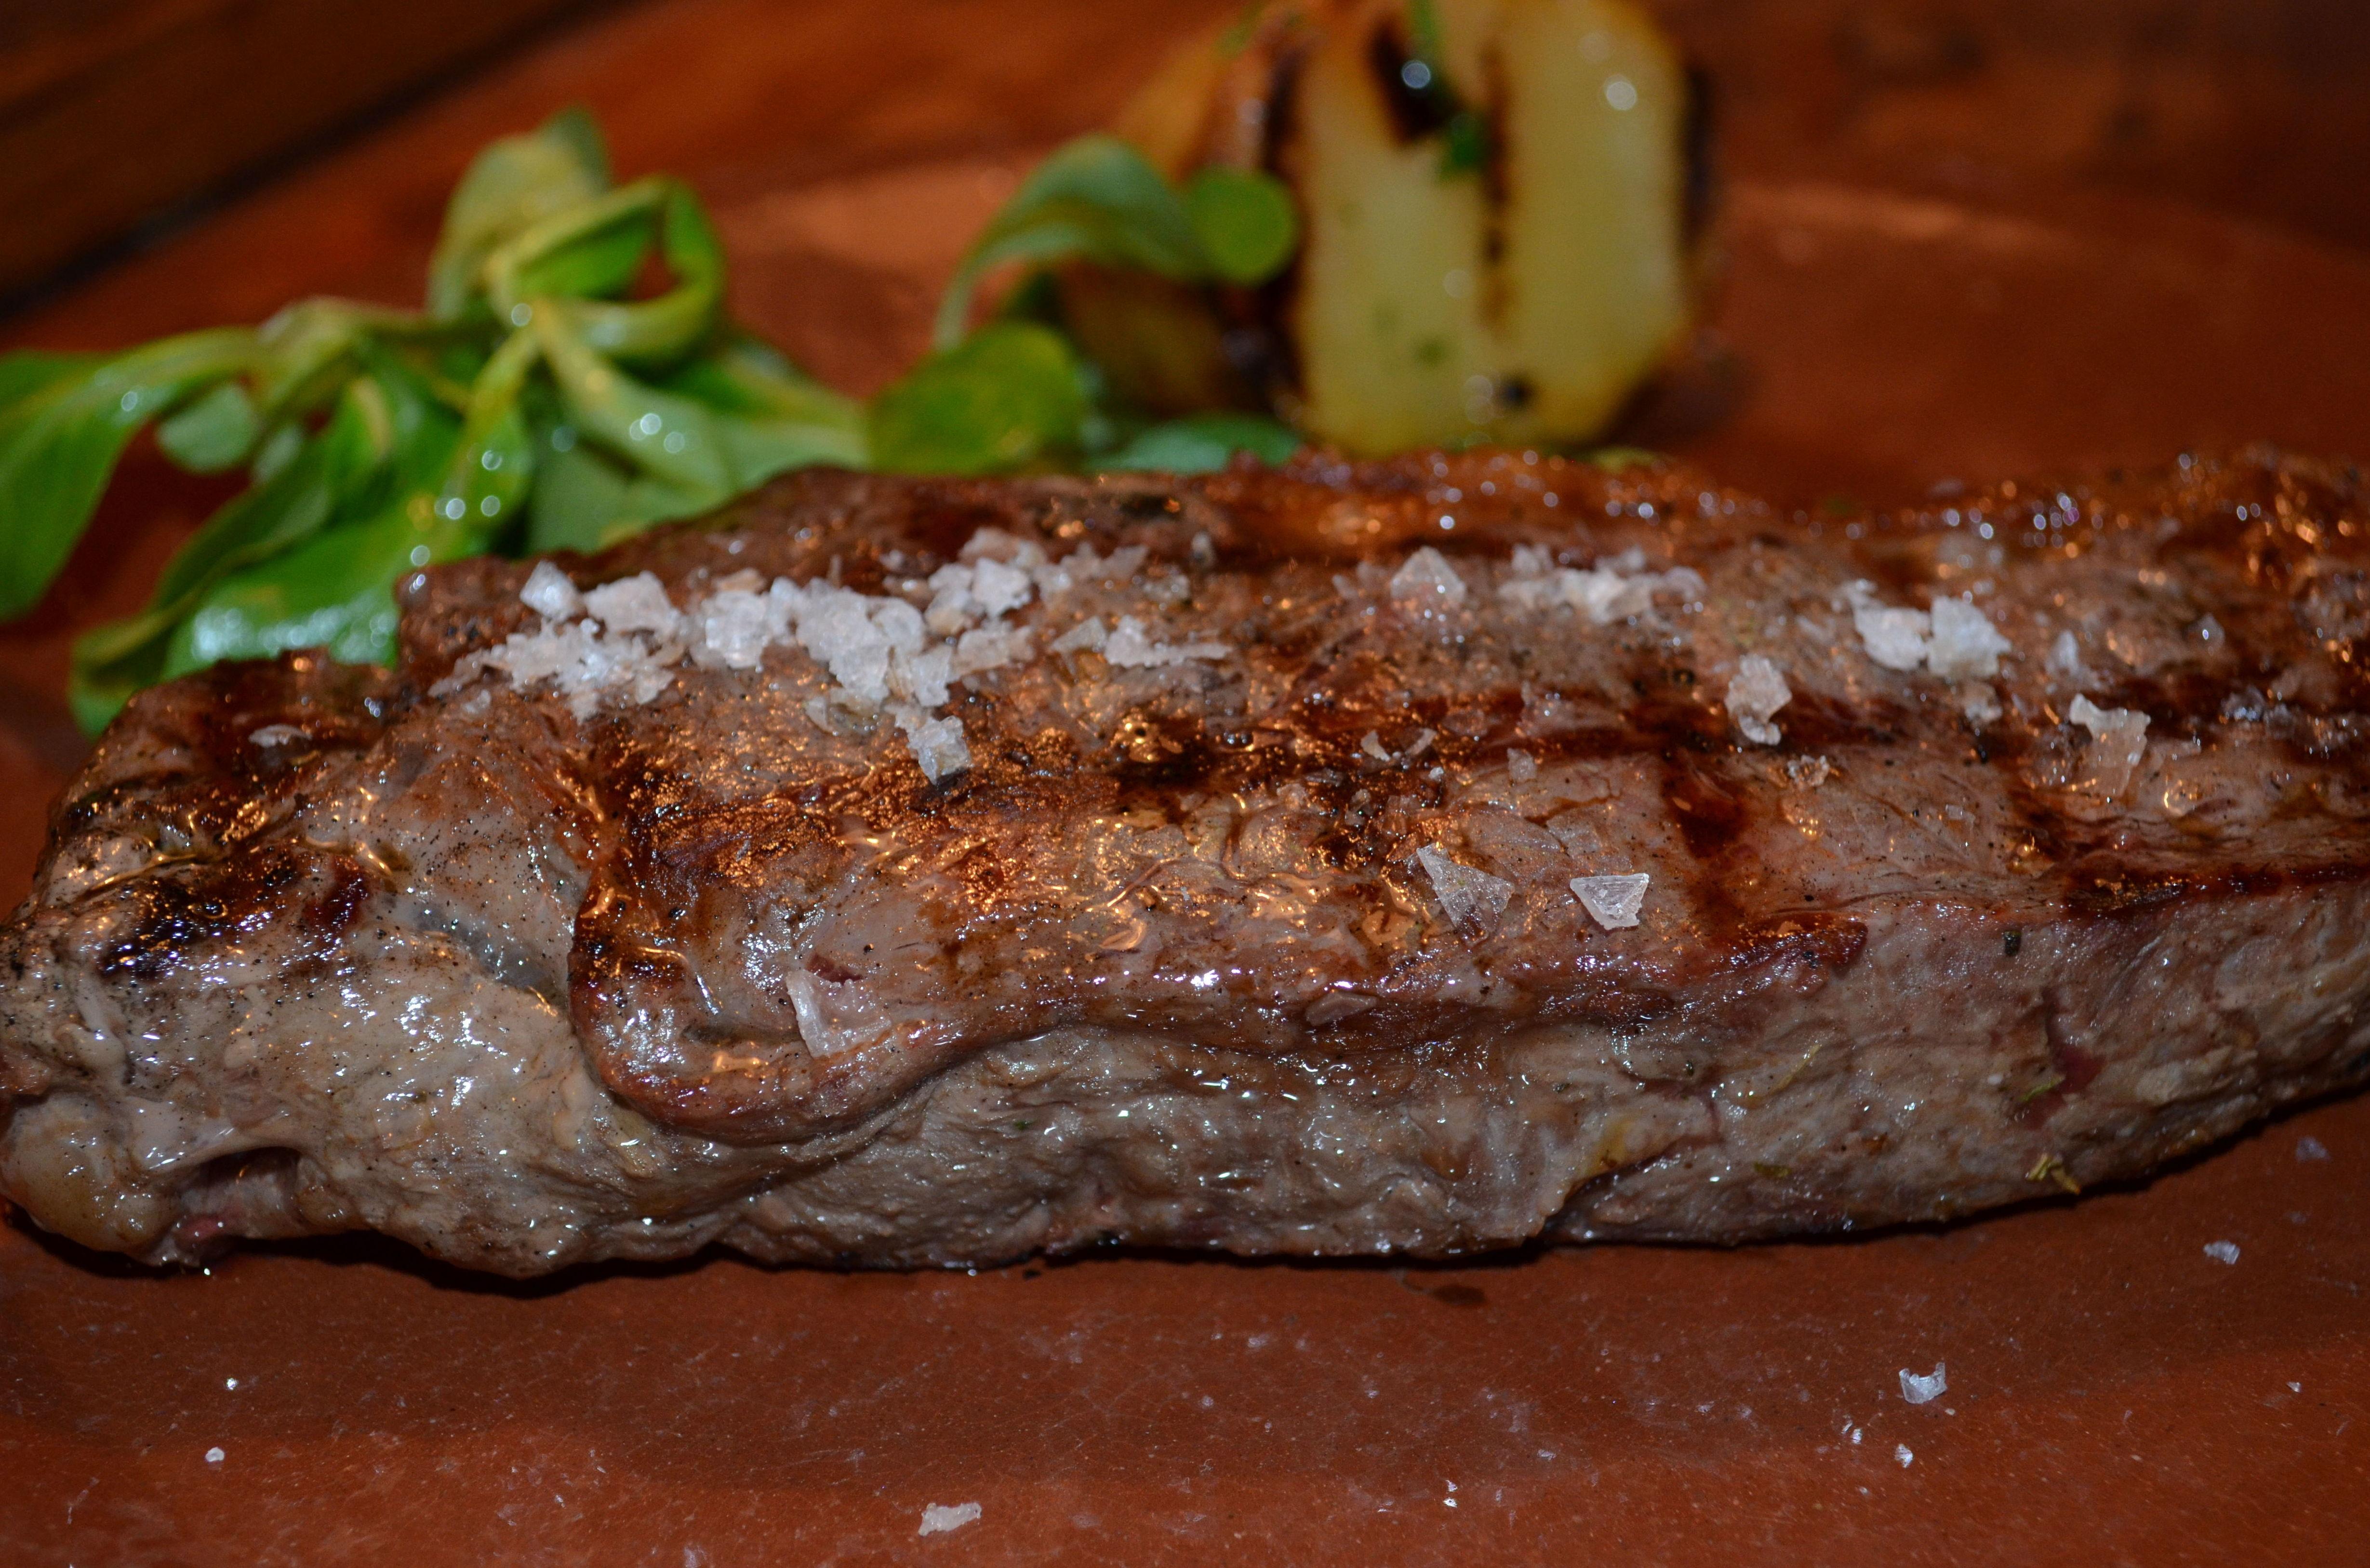 Foto 14 de Cocina mediterránea en Santa Eulària des Riu | Restaurante Parrilla con huerto propio (ESTAMOS CERRADOS HASTA EL 01/04/2019)